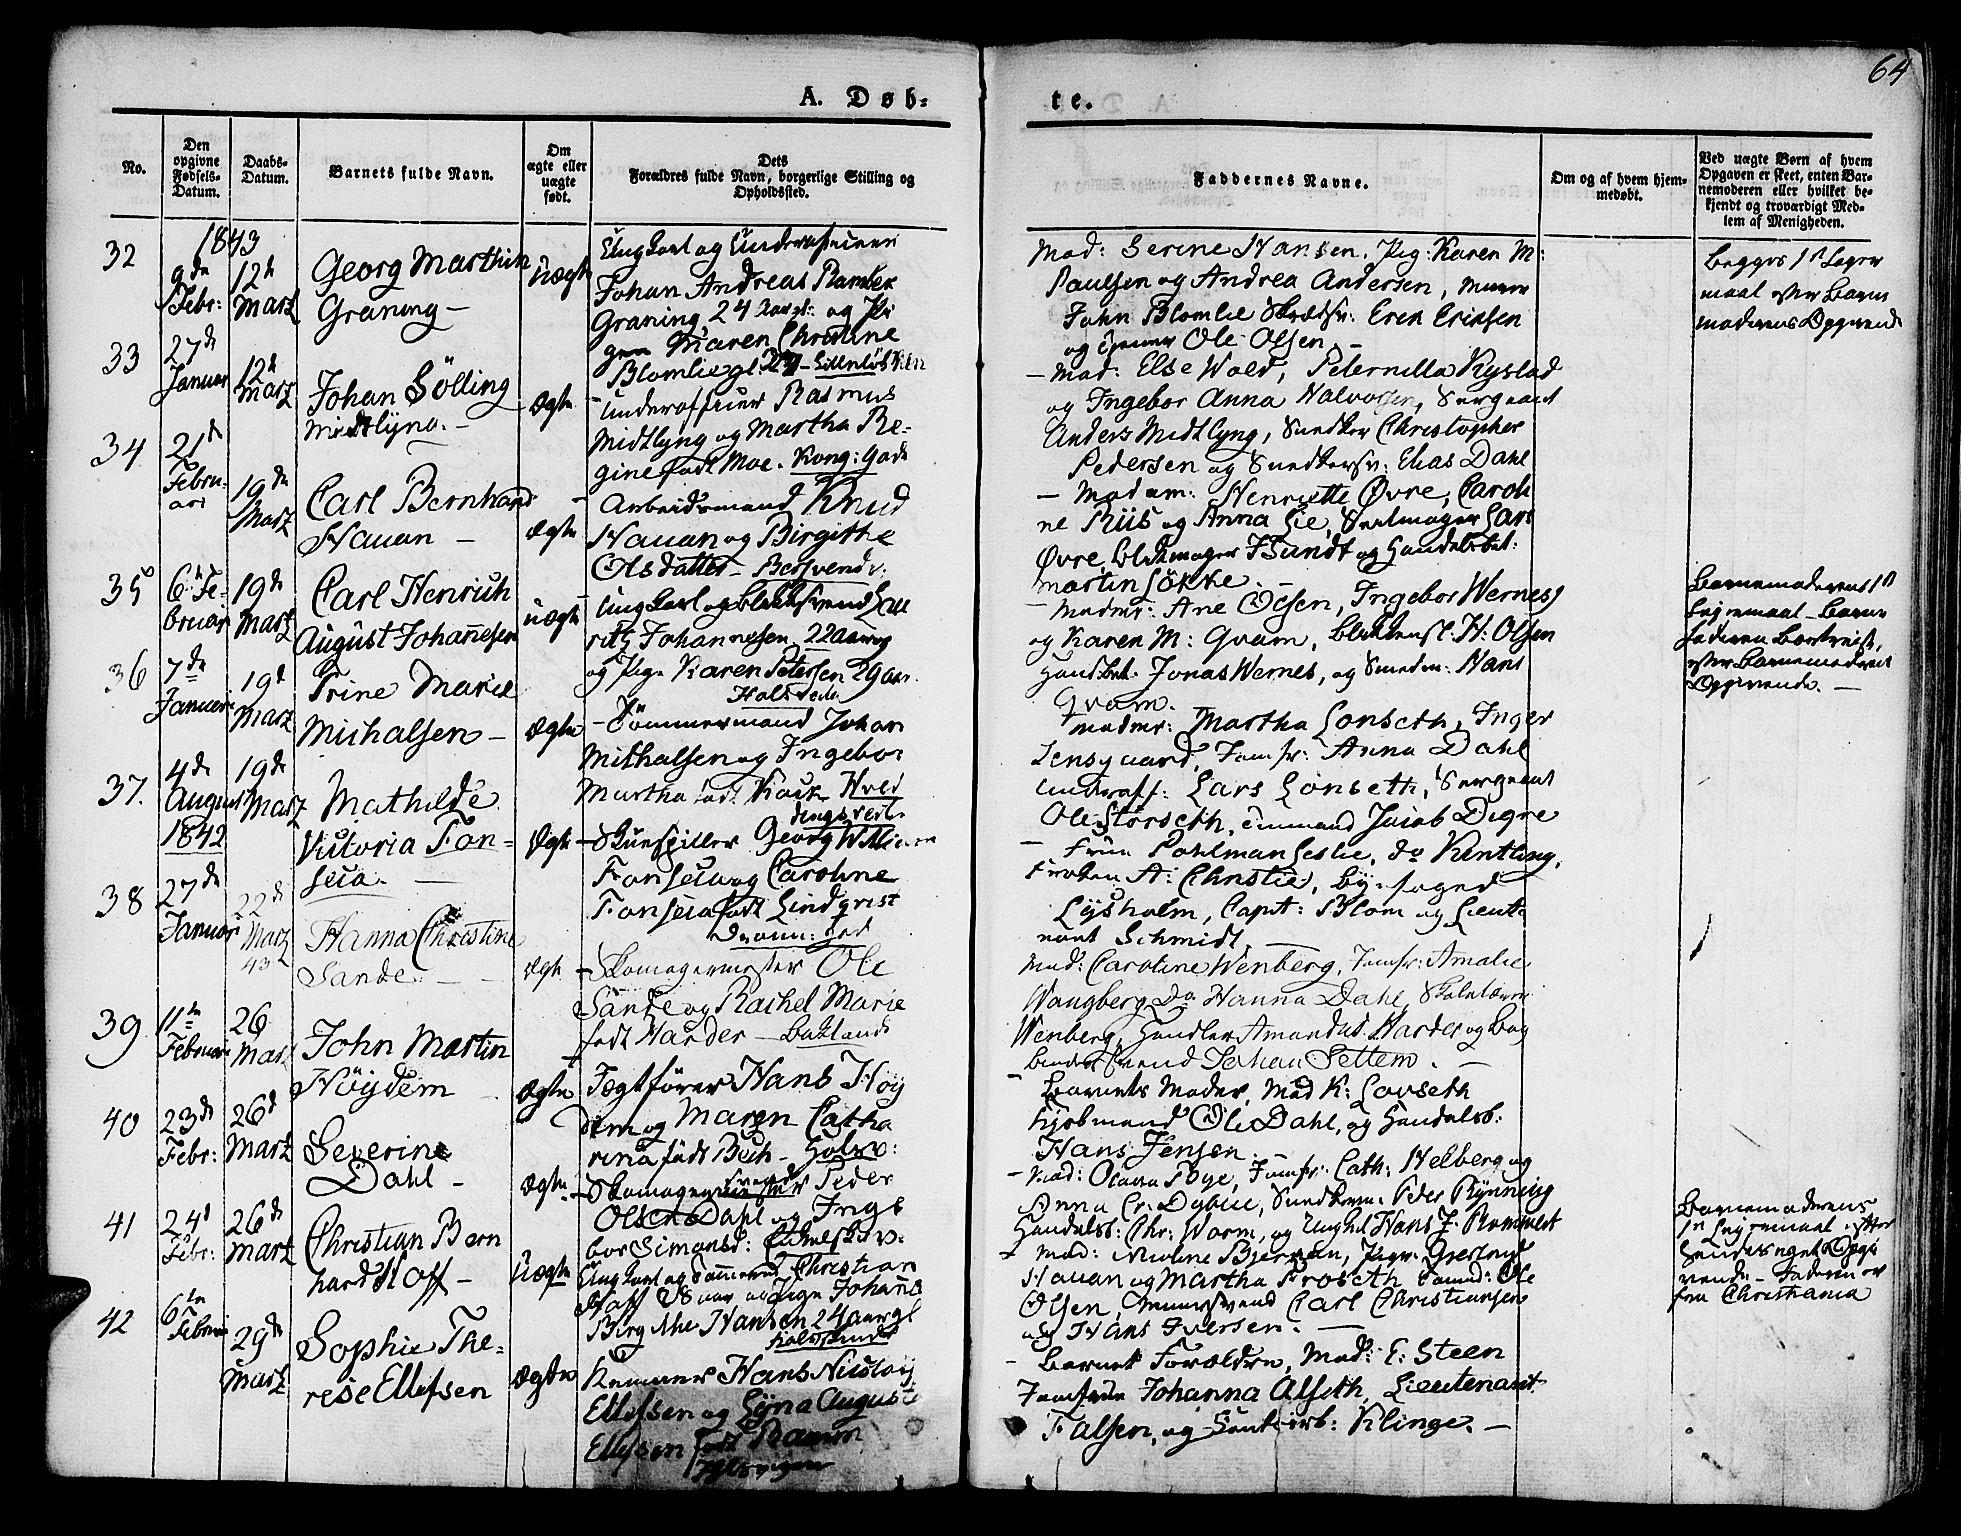 SAT, Ministerialprotokoller, klokkerbøker og fødselsregistre - Sør-Trøndelag, 601/L0048: Ministerialbok nr. 601A16, 1840-1847, s. 64